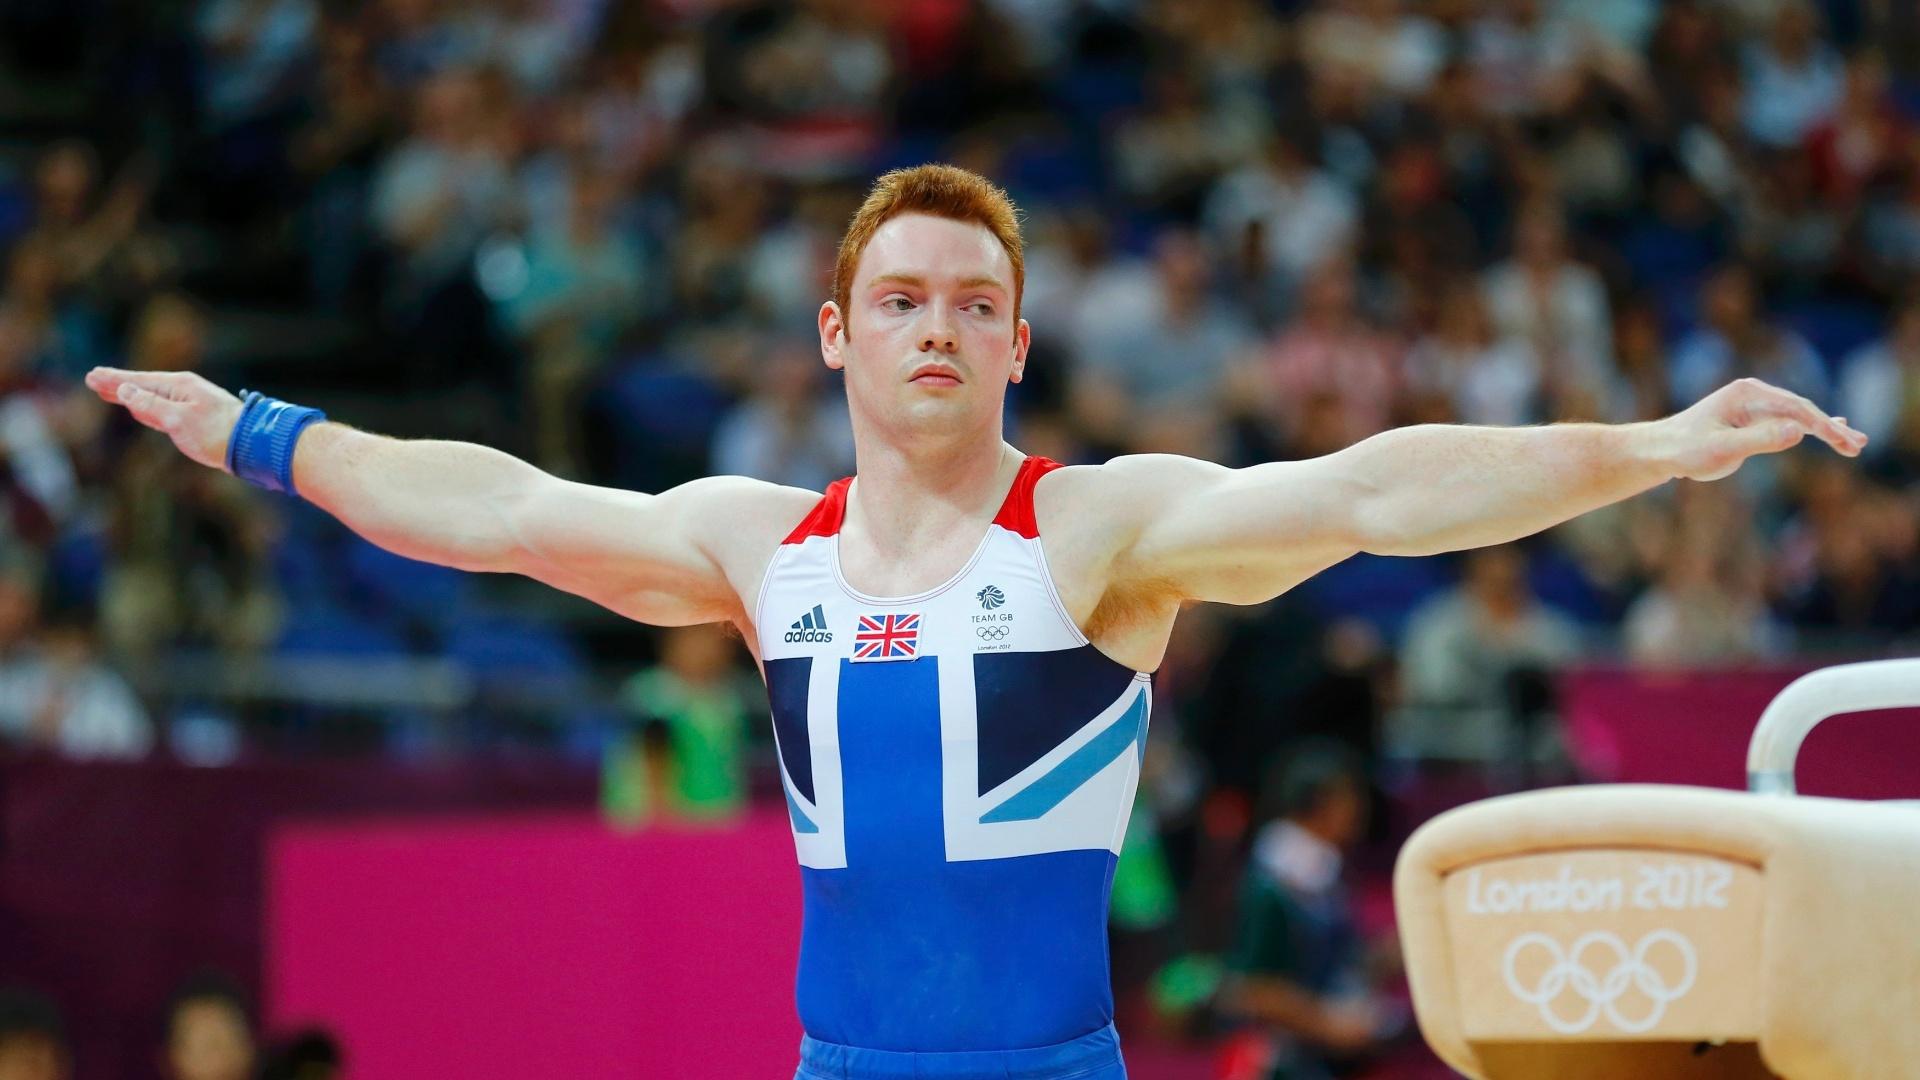 Britânico Daniel Purvis finaliza sua série no cavalo na final individual geral nas Olimpíadas